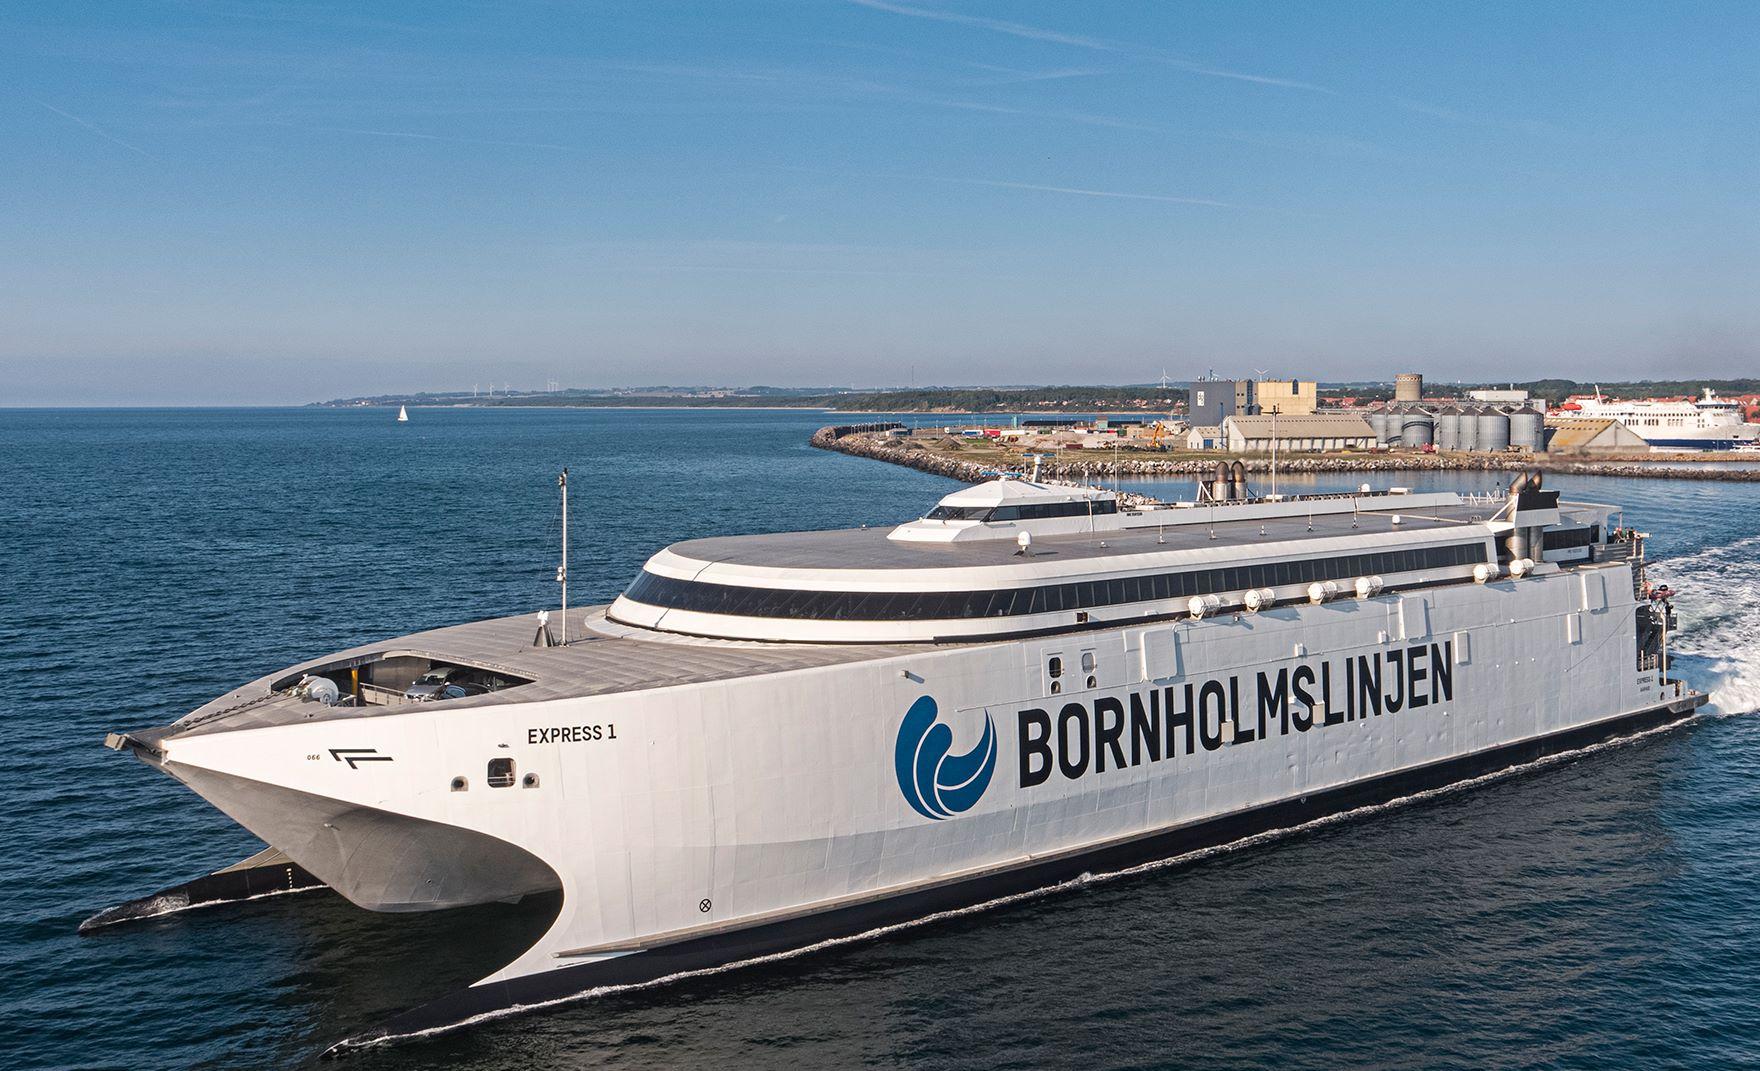 Der har været en del klager over Molslinjens betjening af de tre færgeruter til Rønne på Bornholm. Det har nu udløst endnu en bøde til rederiet. Pressefoto: Molslinjen.